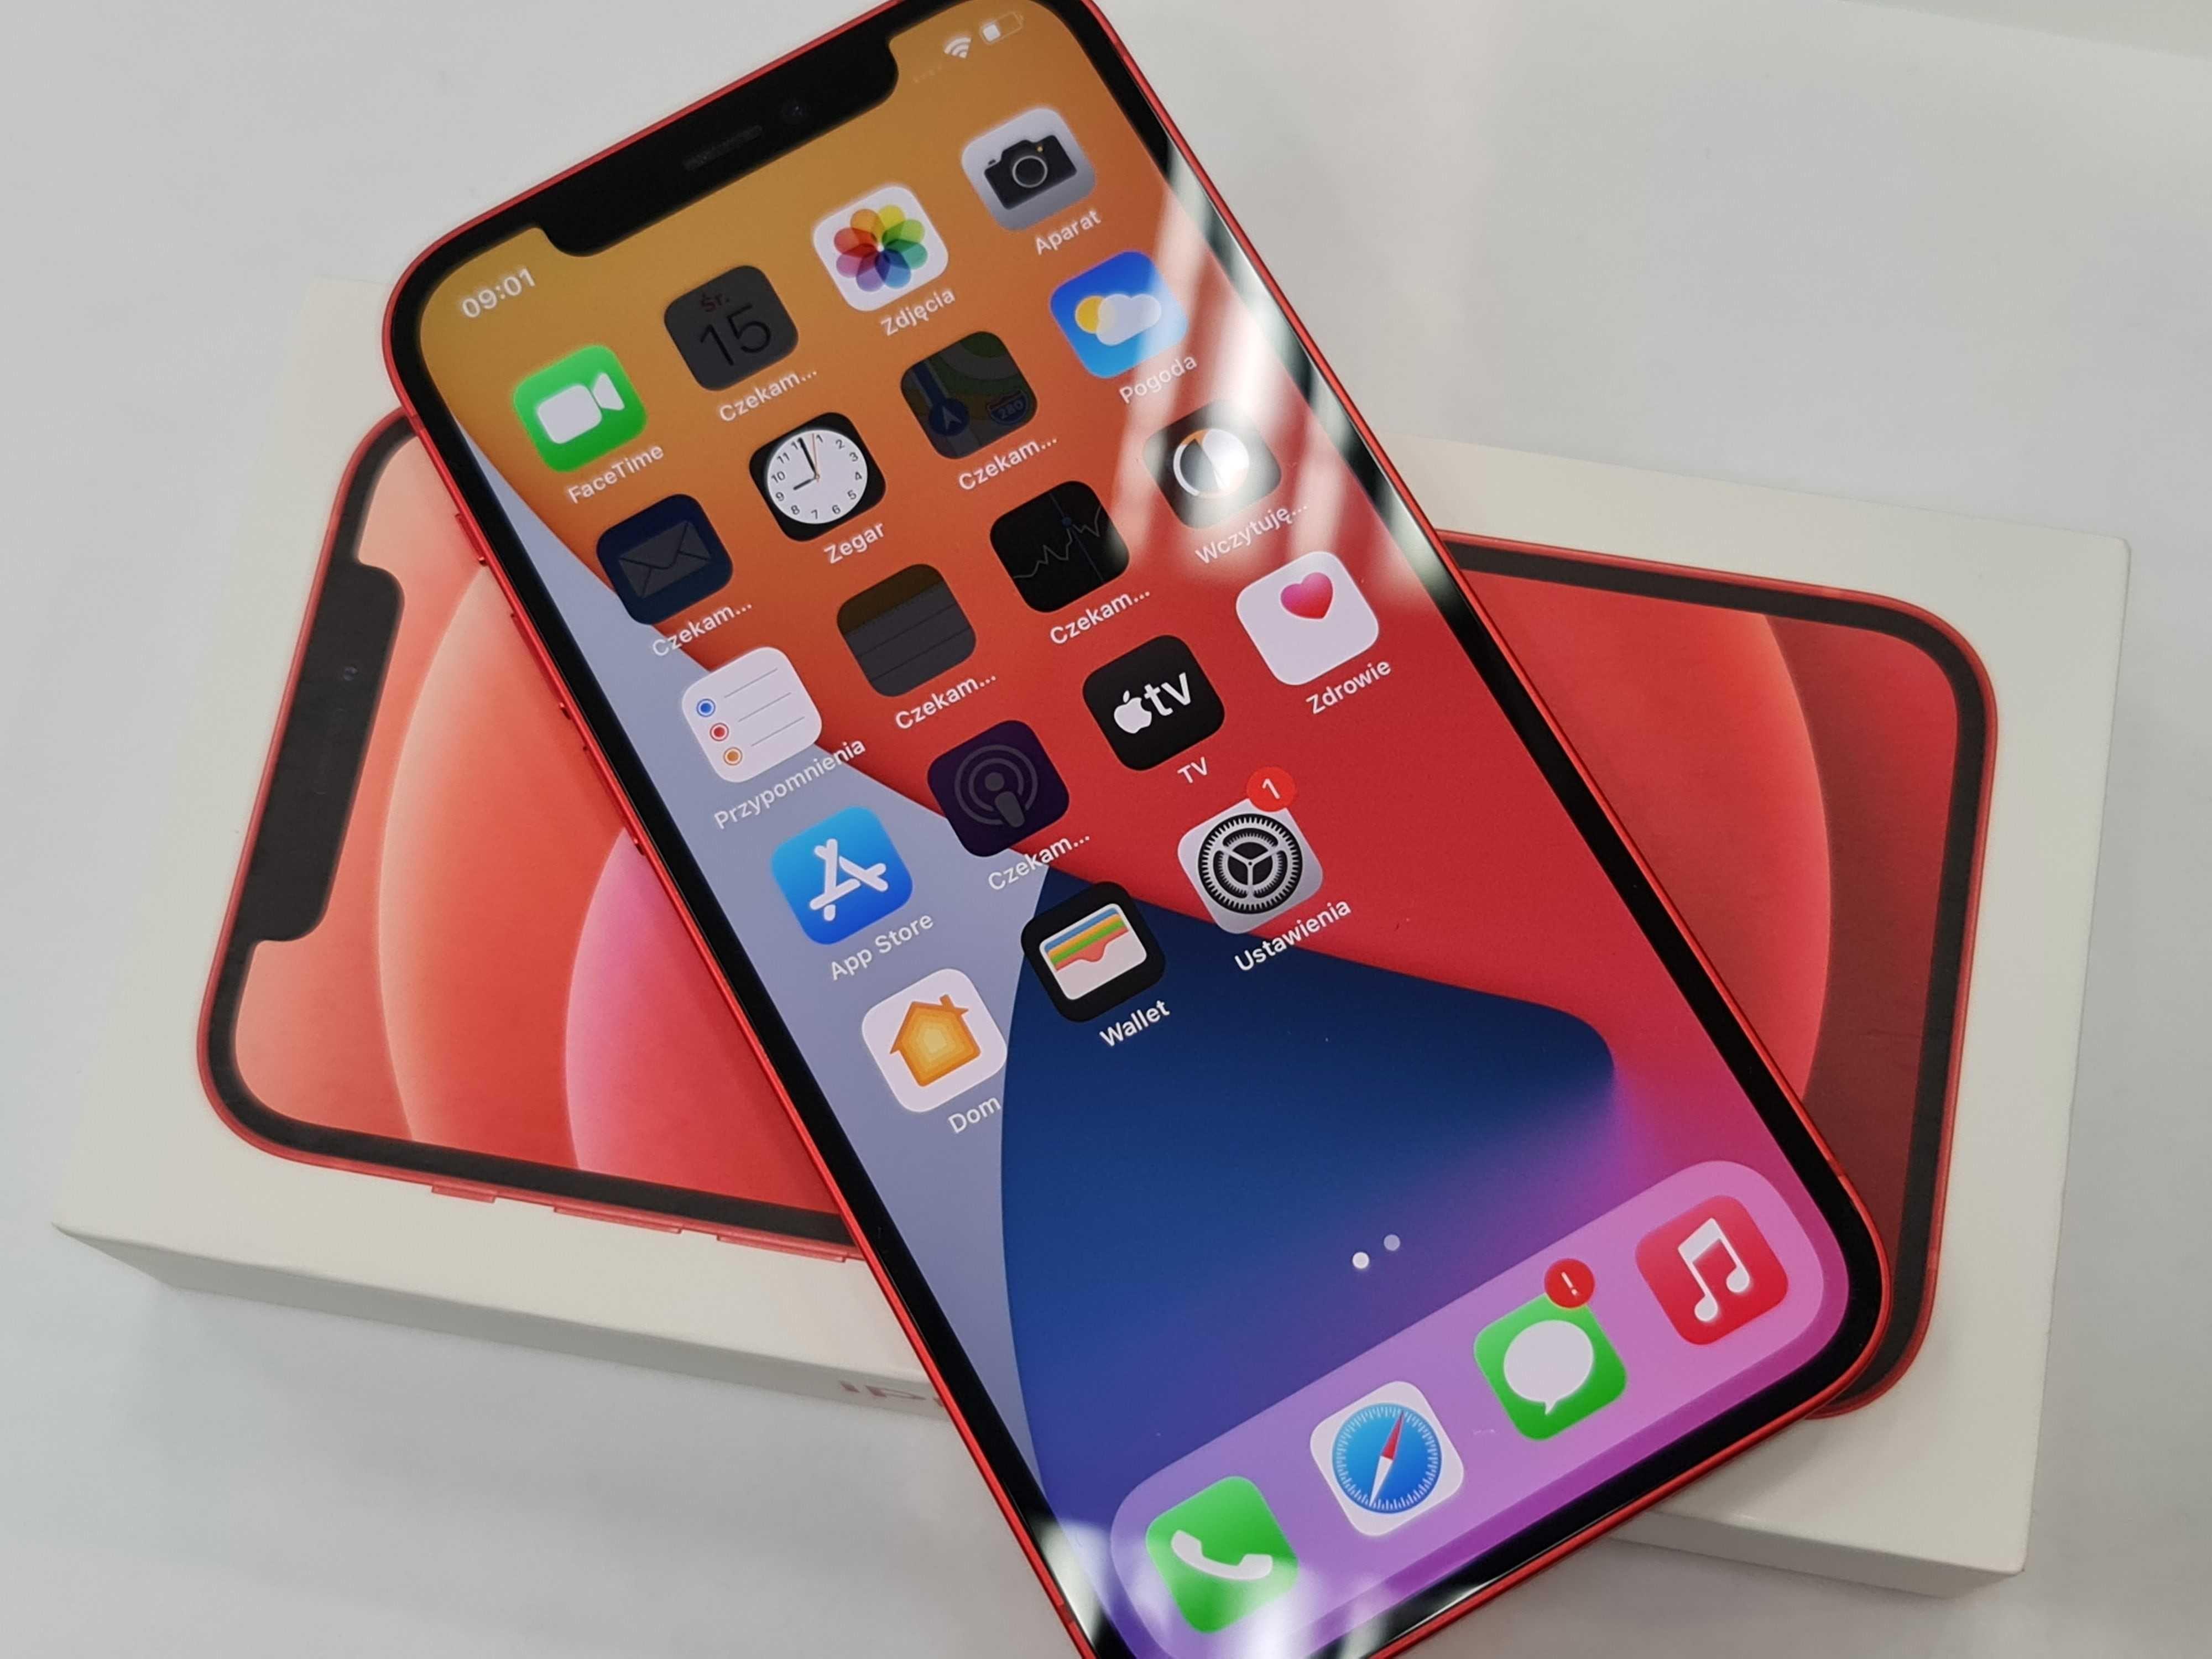 24.02.21! Iphone 12 64GB/ Red/ Czerwony/ Stan BDB/ Gwarancja Apple!